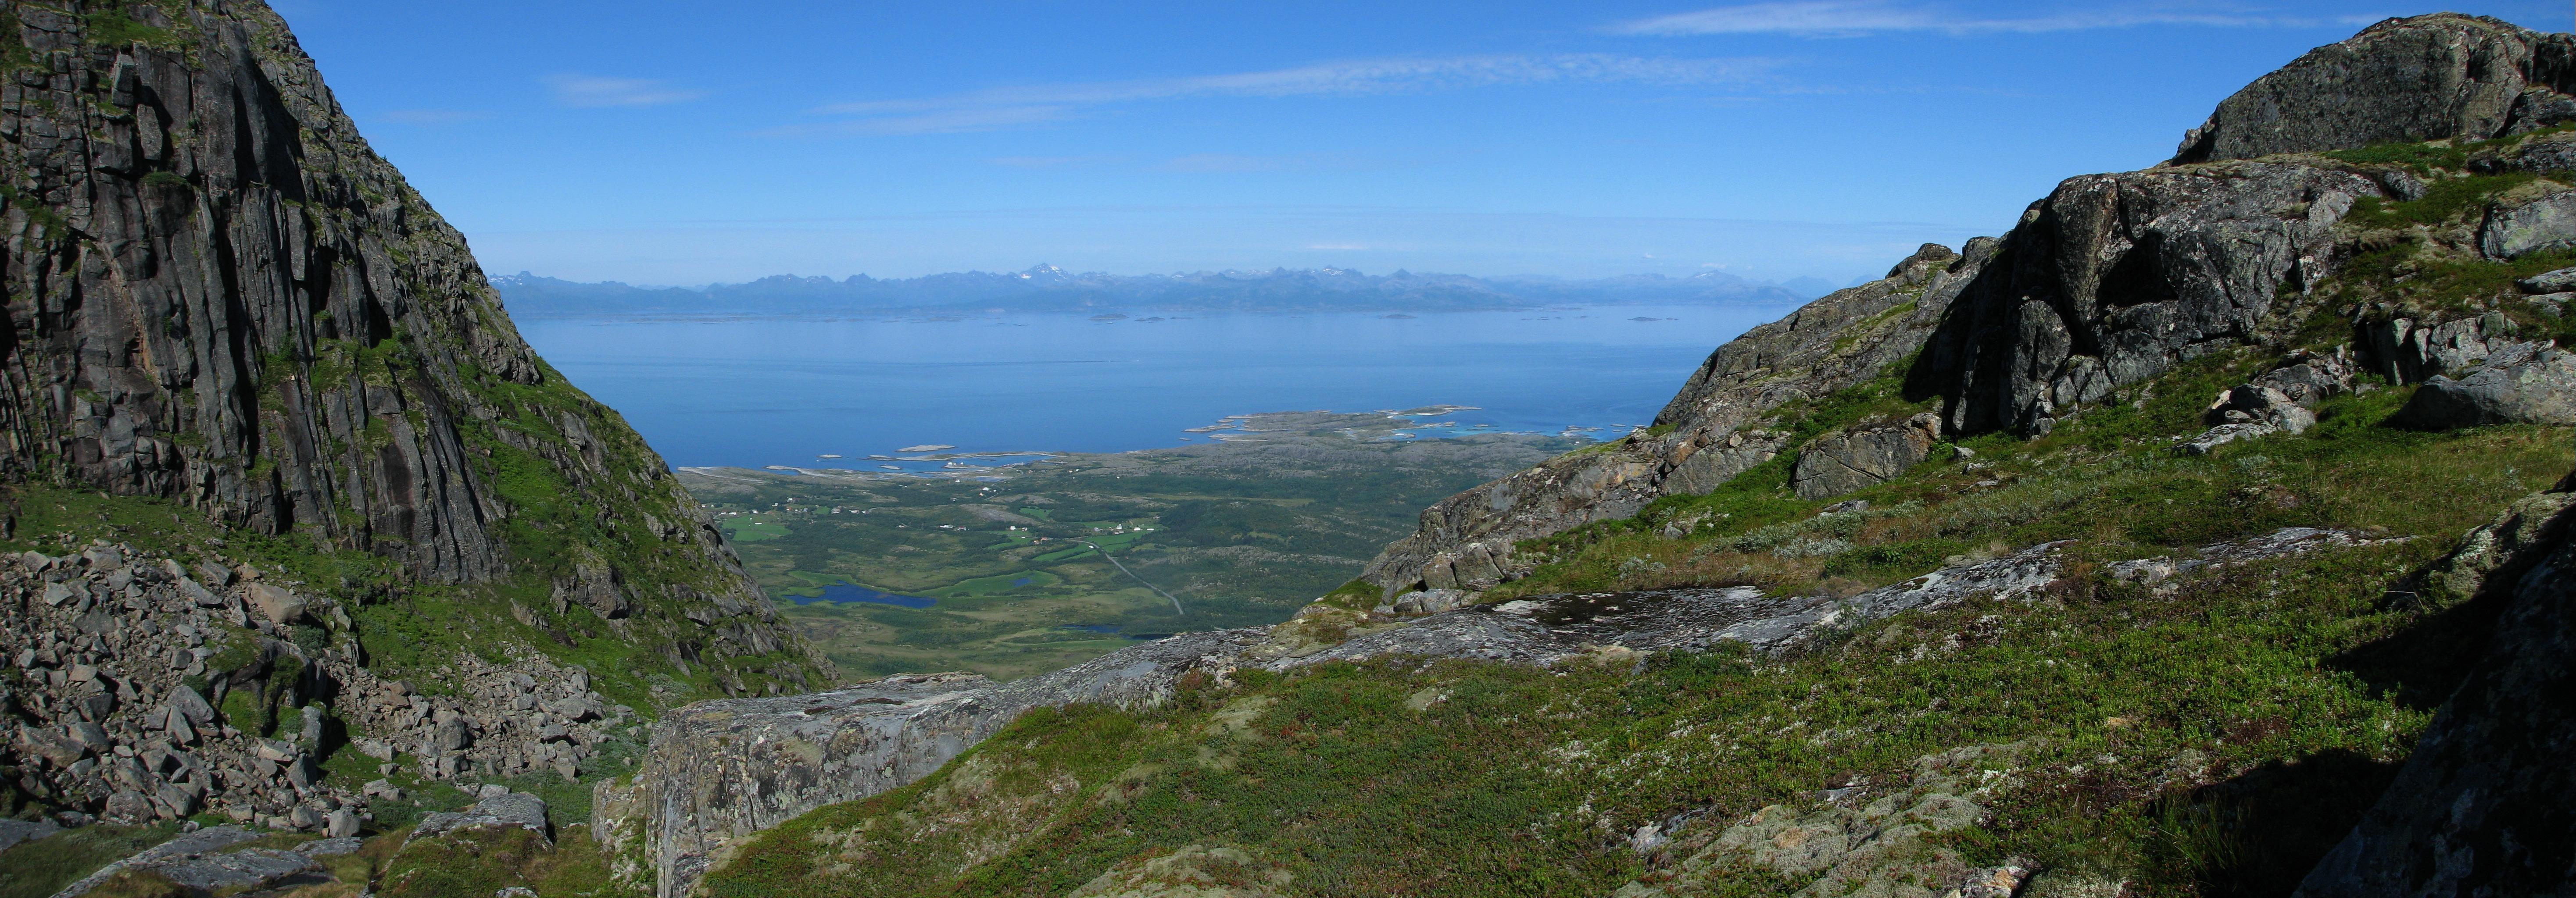 VestfjordenPanorama.JPG